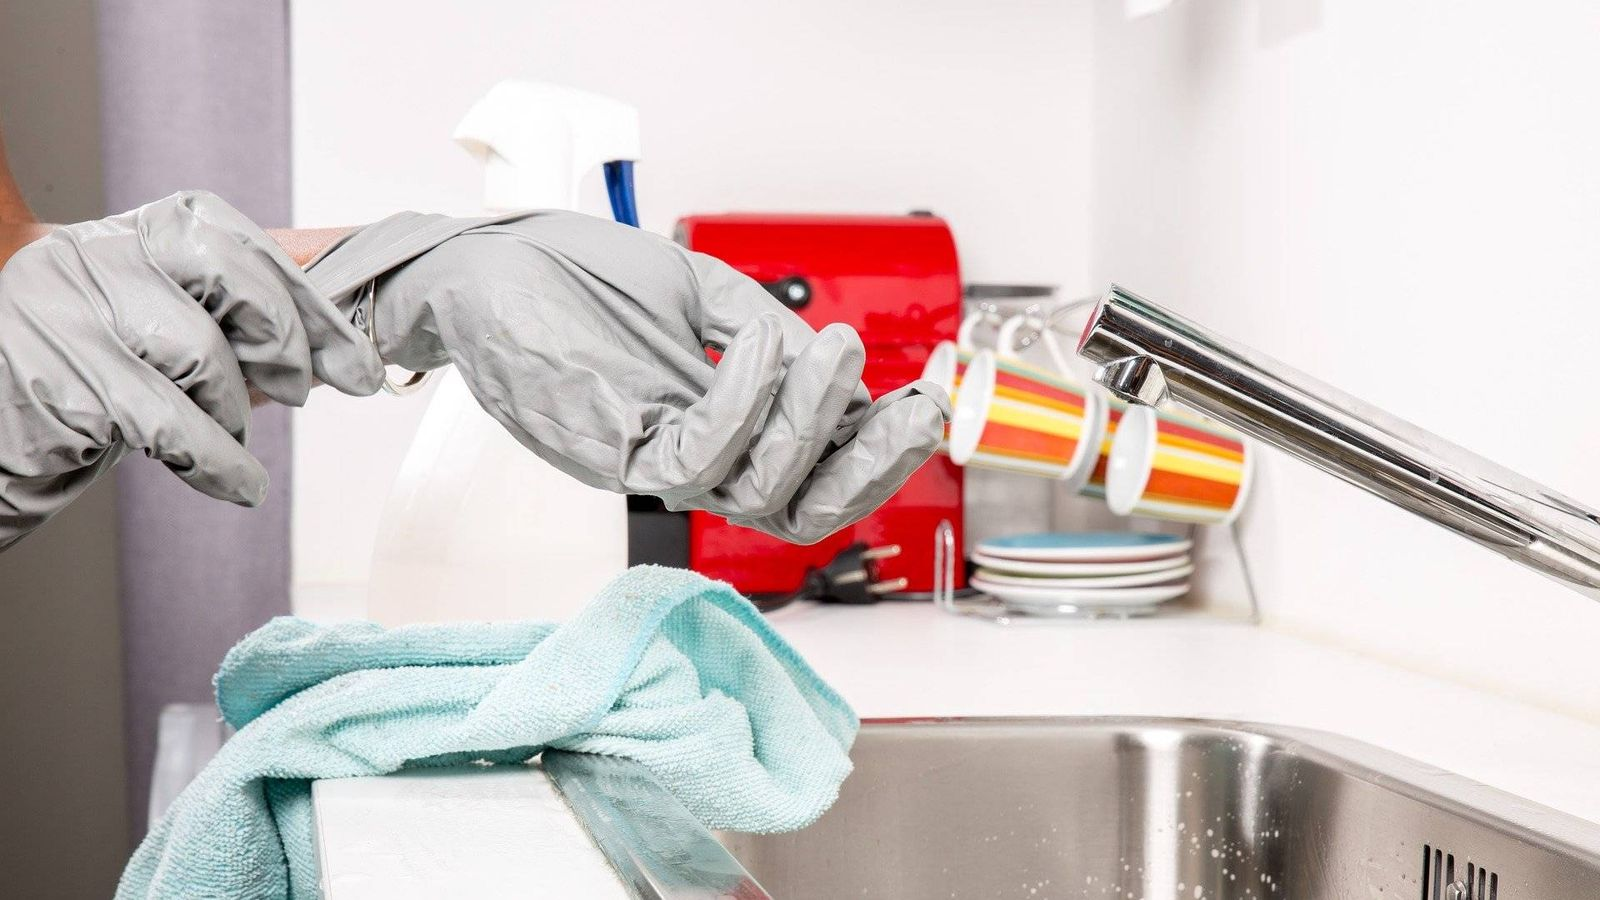 Cómo limpiar y desinfectar correctamente la casa contra el coronavirus